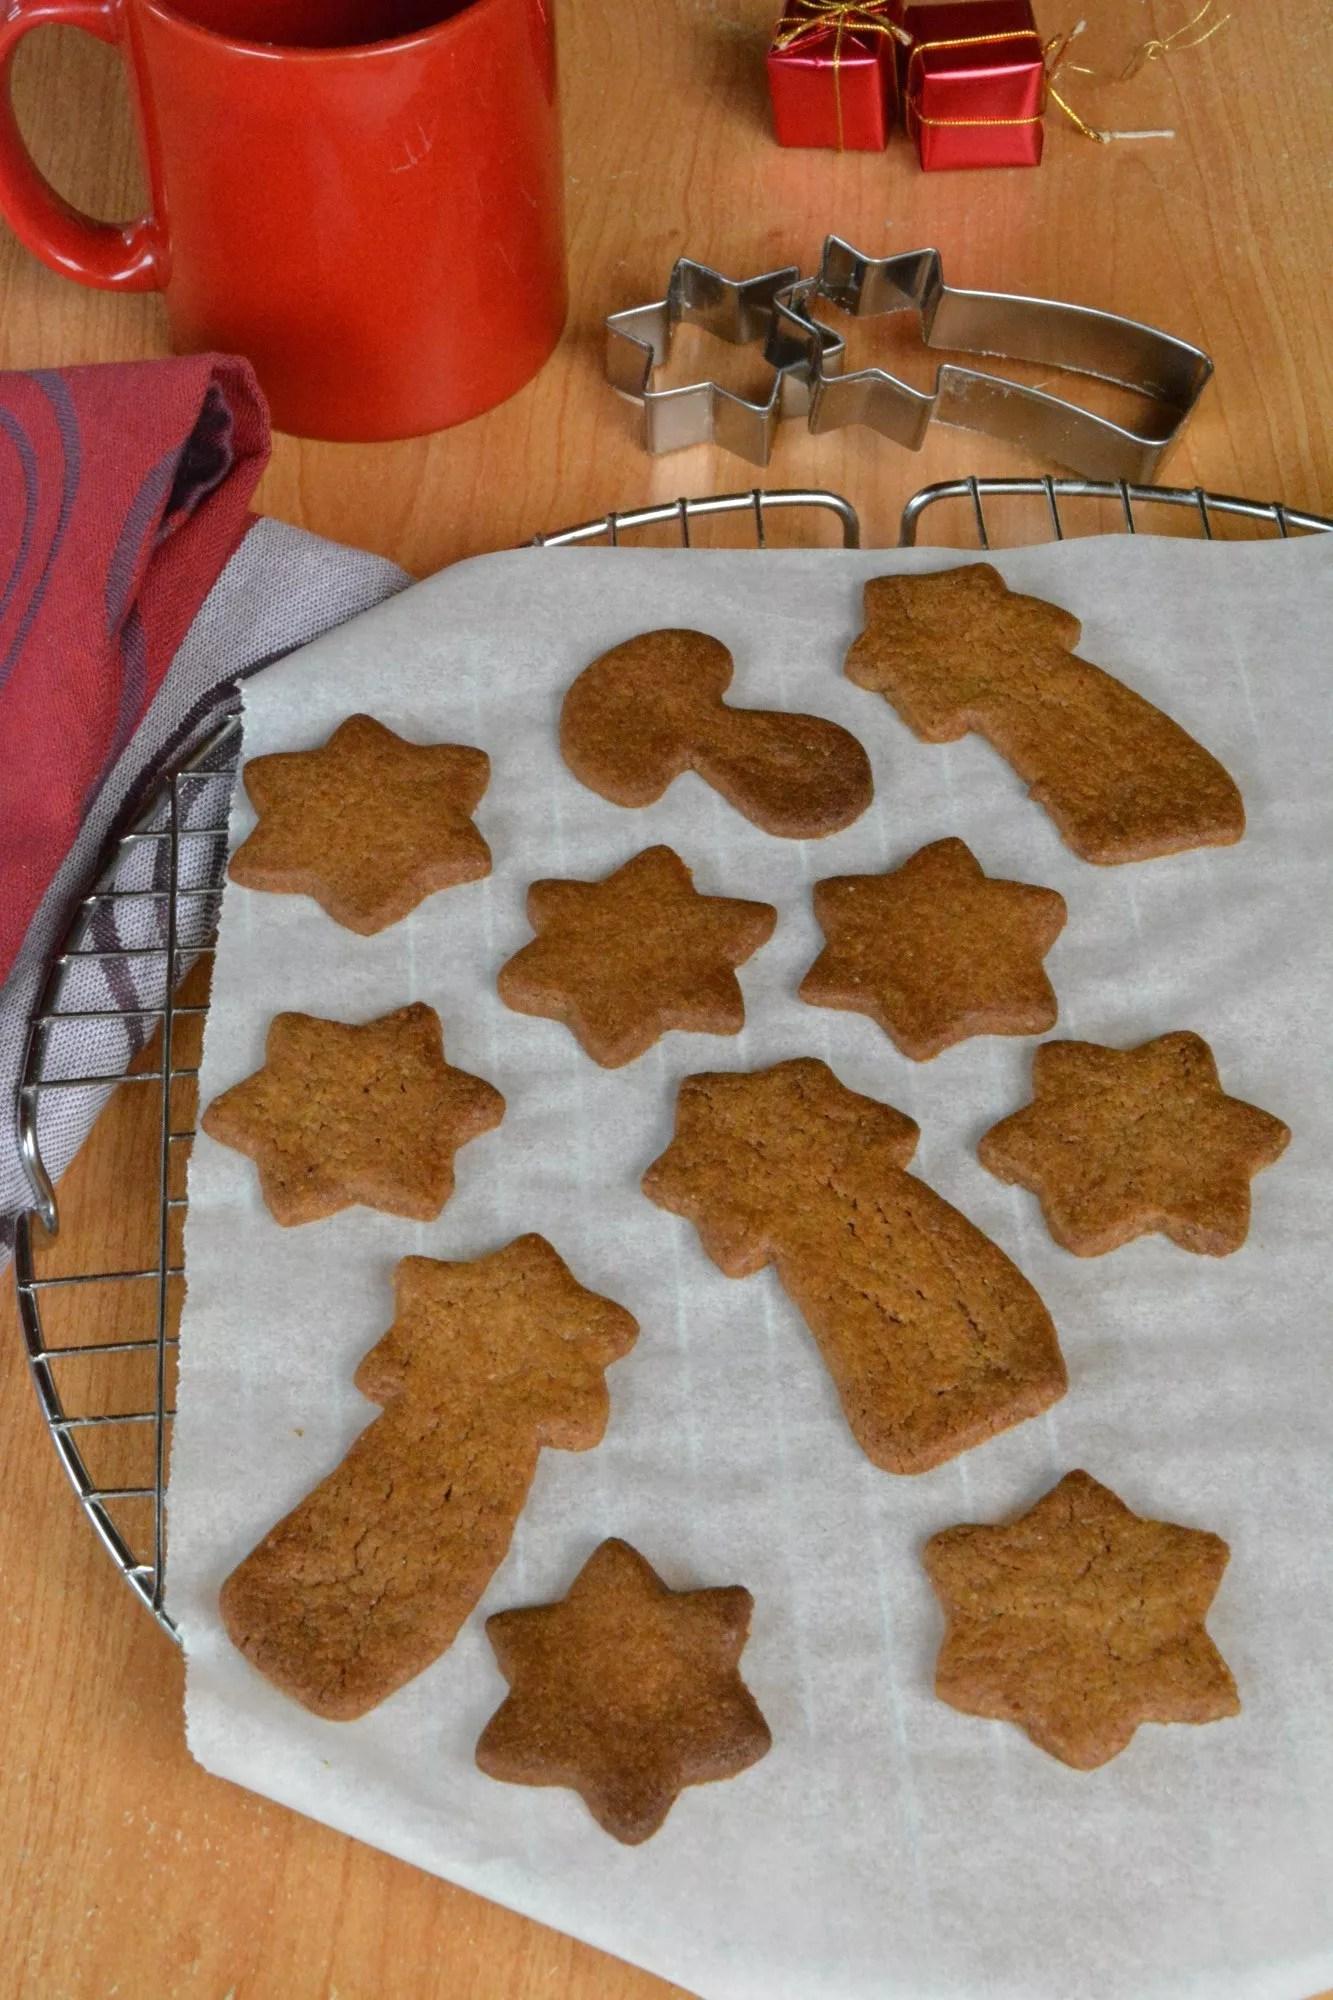 biscuits sables facon pain d epice